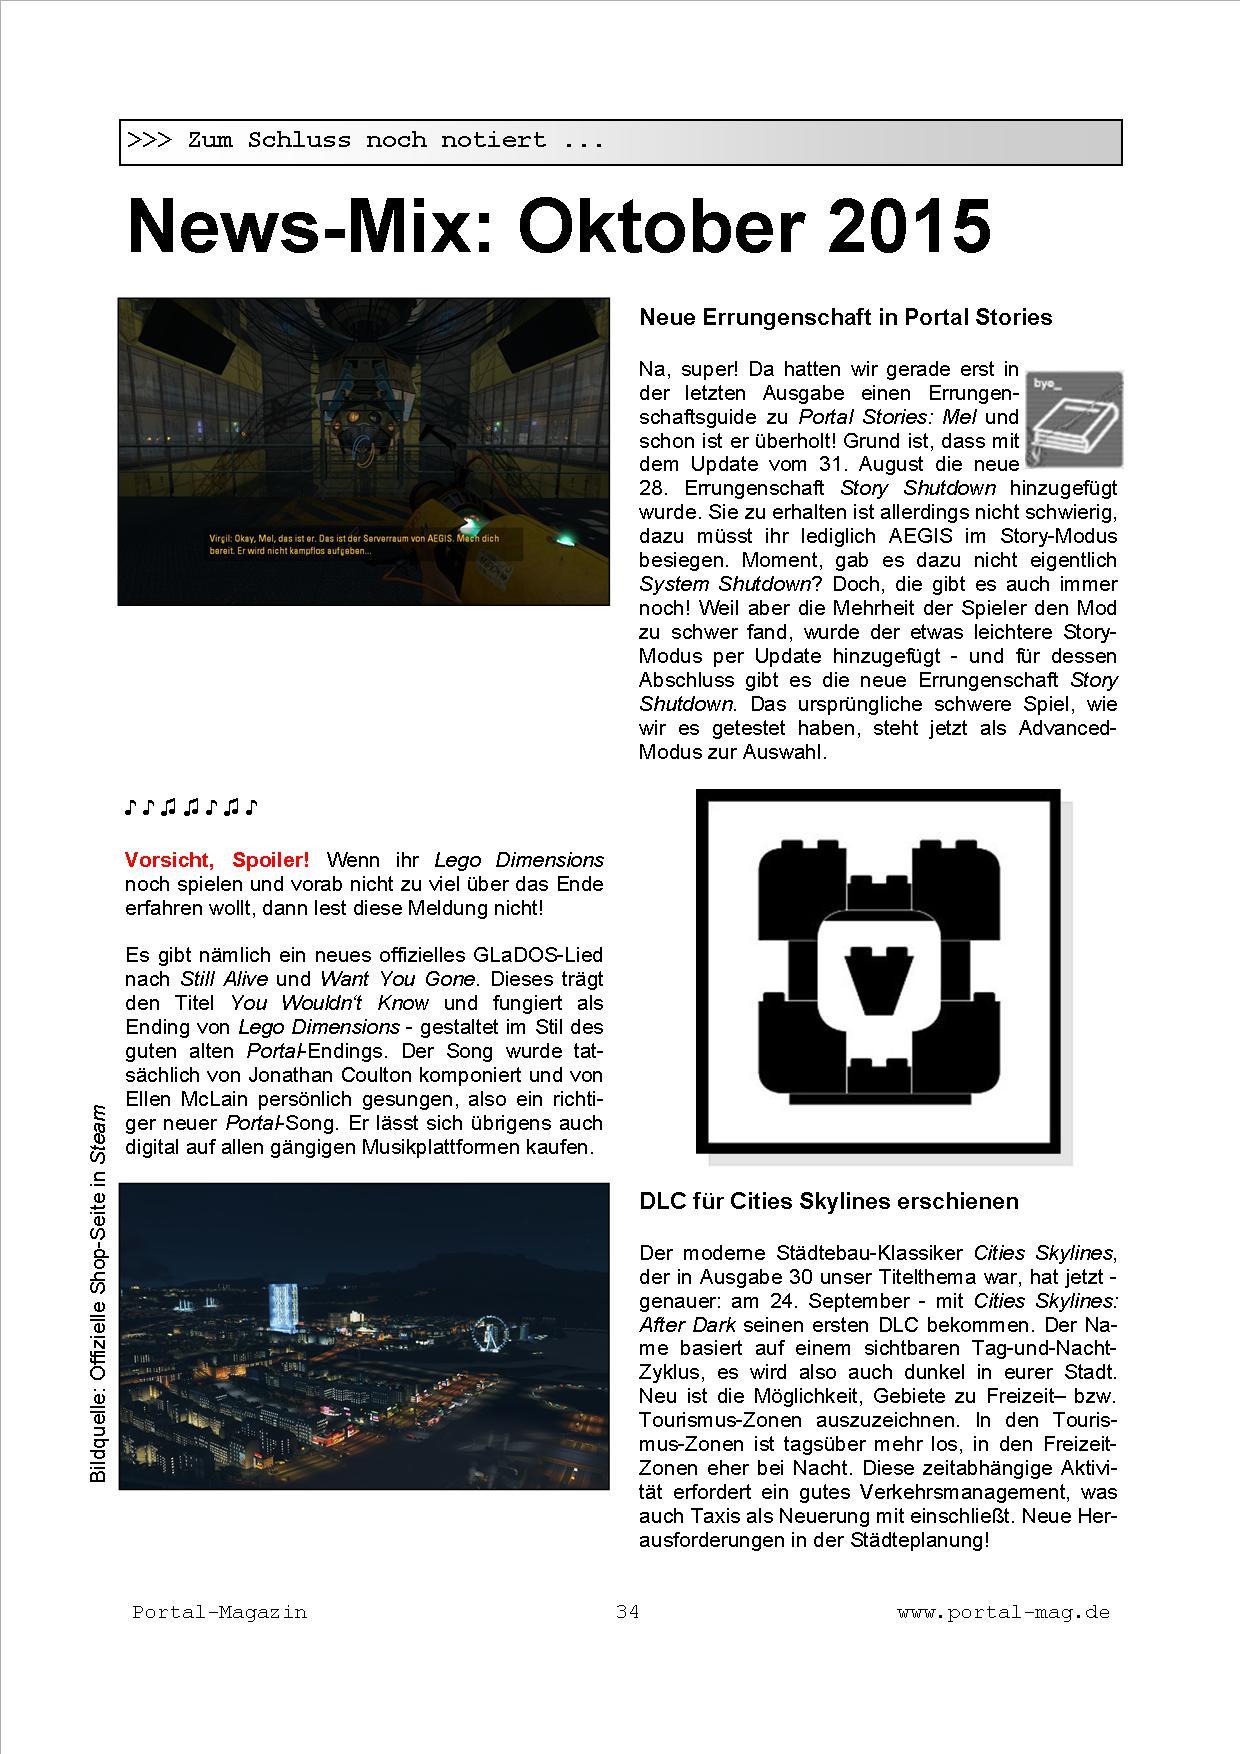 Ausgabe 32, Seite 34